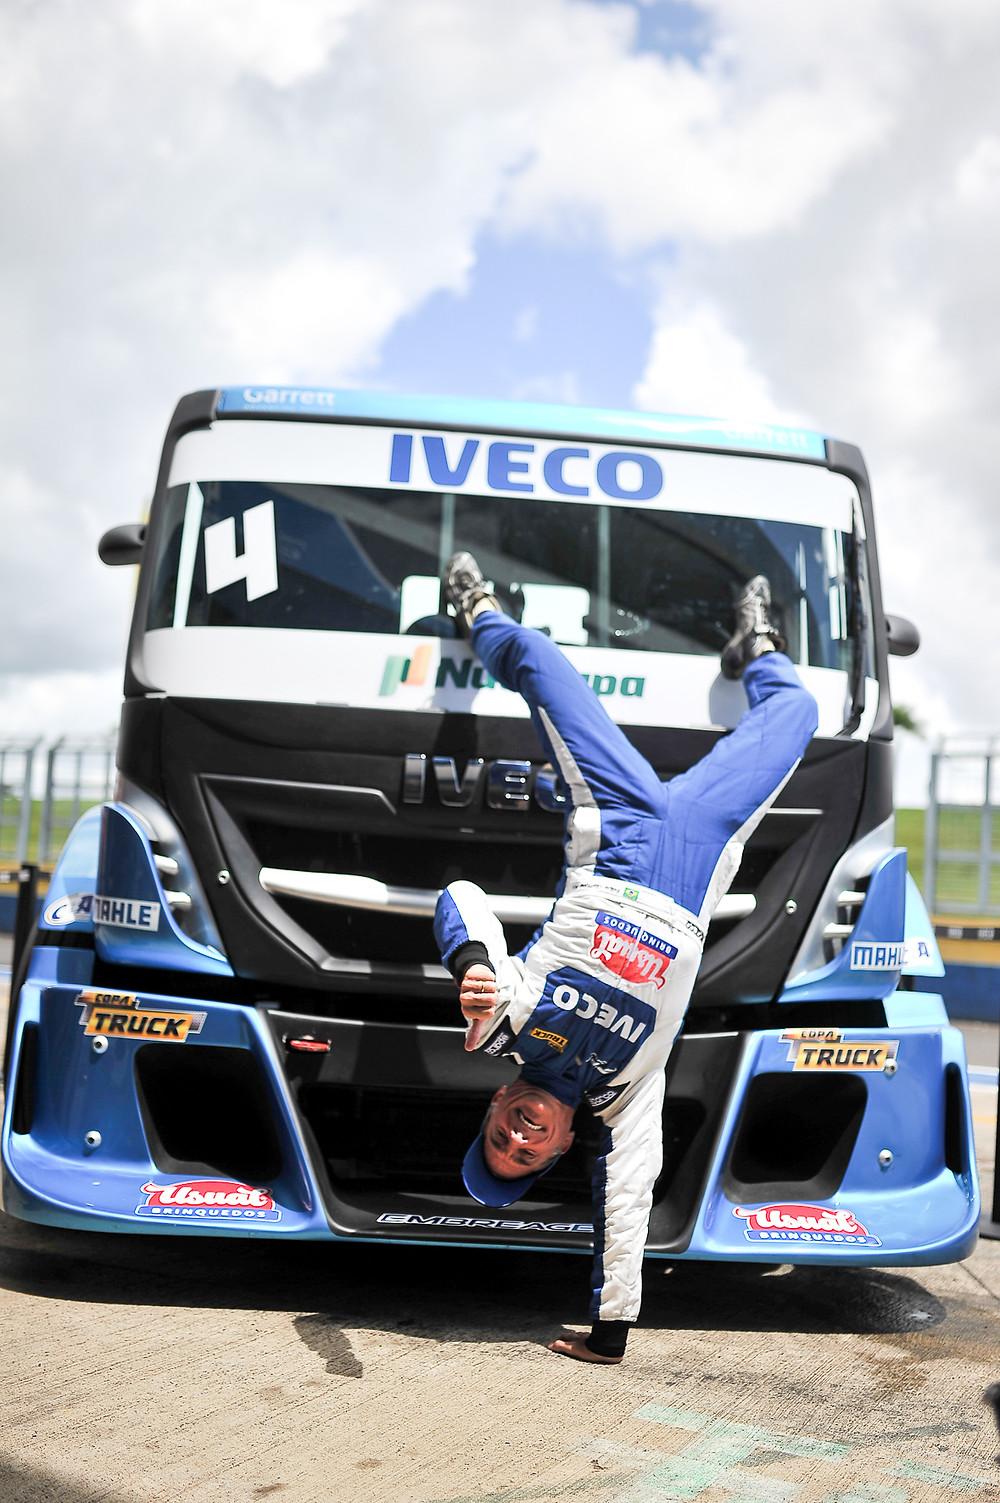 Copa Truck: Giaffone faz história ao cravar pole na estreia da nova equipe e de caminhão Iveco